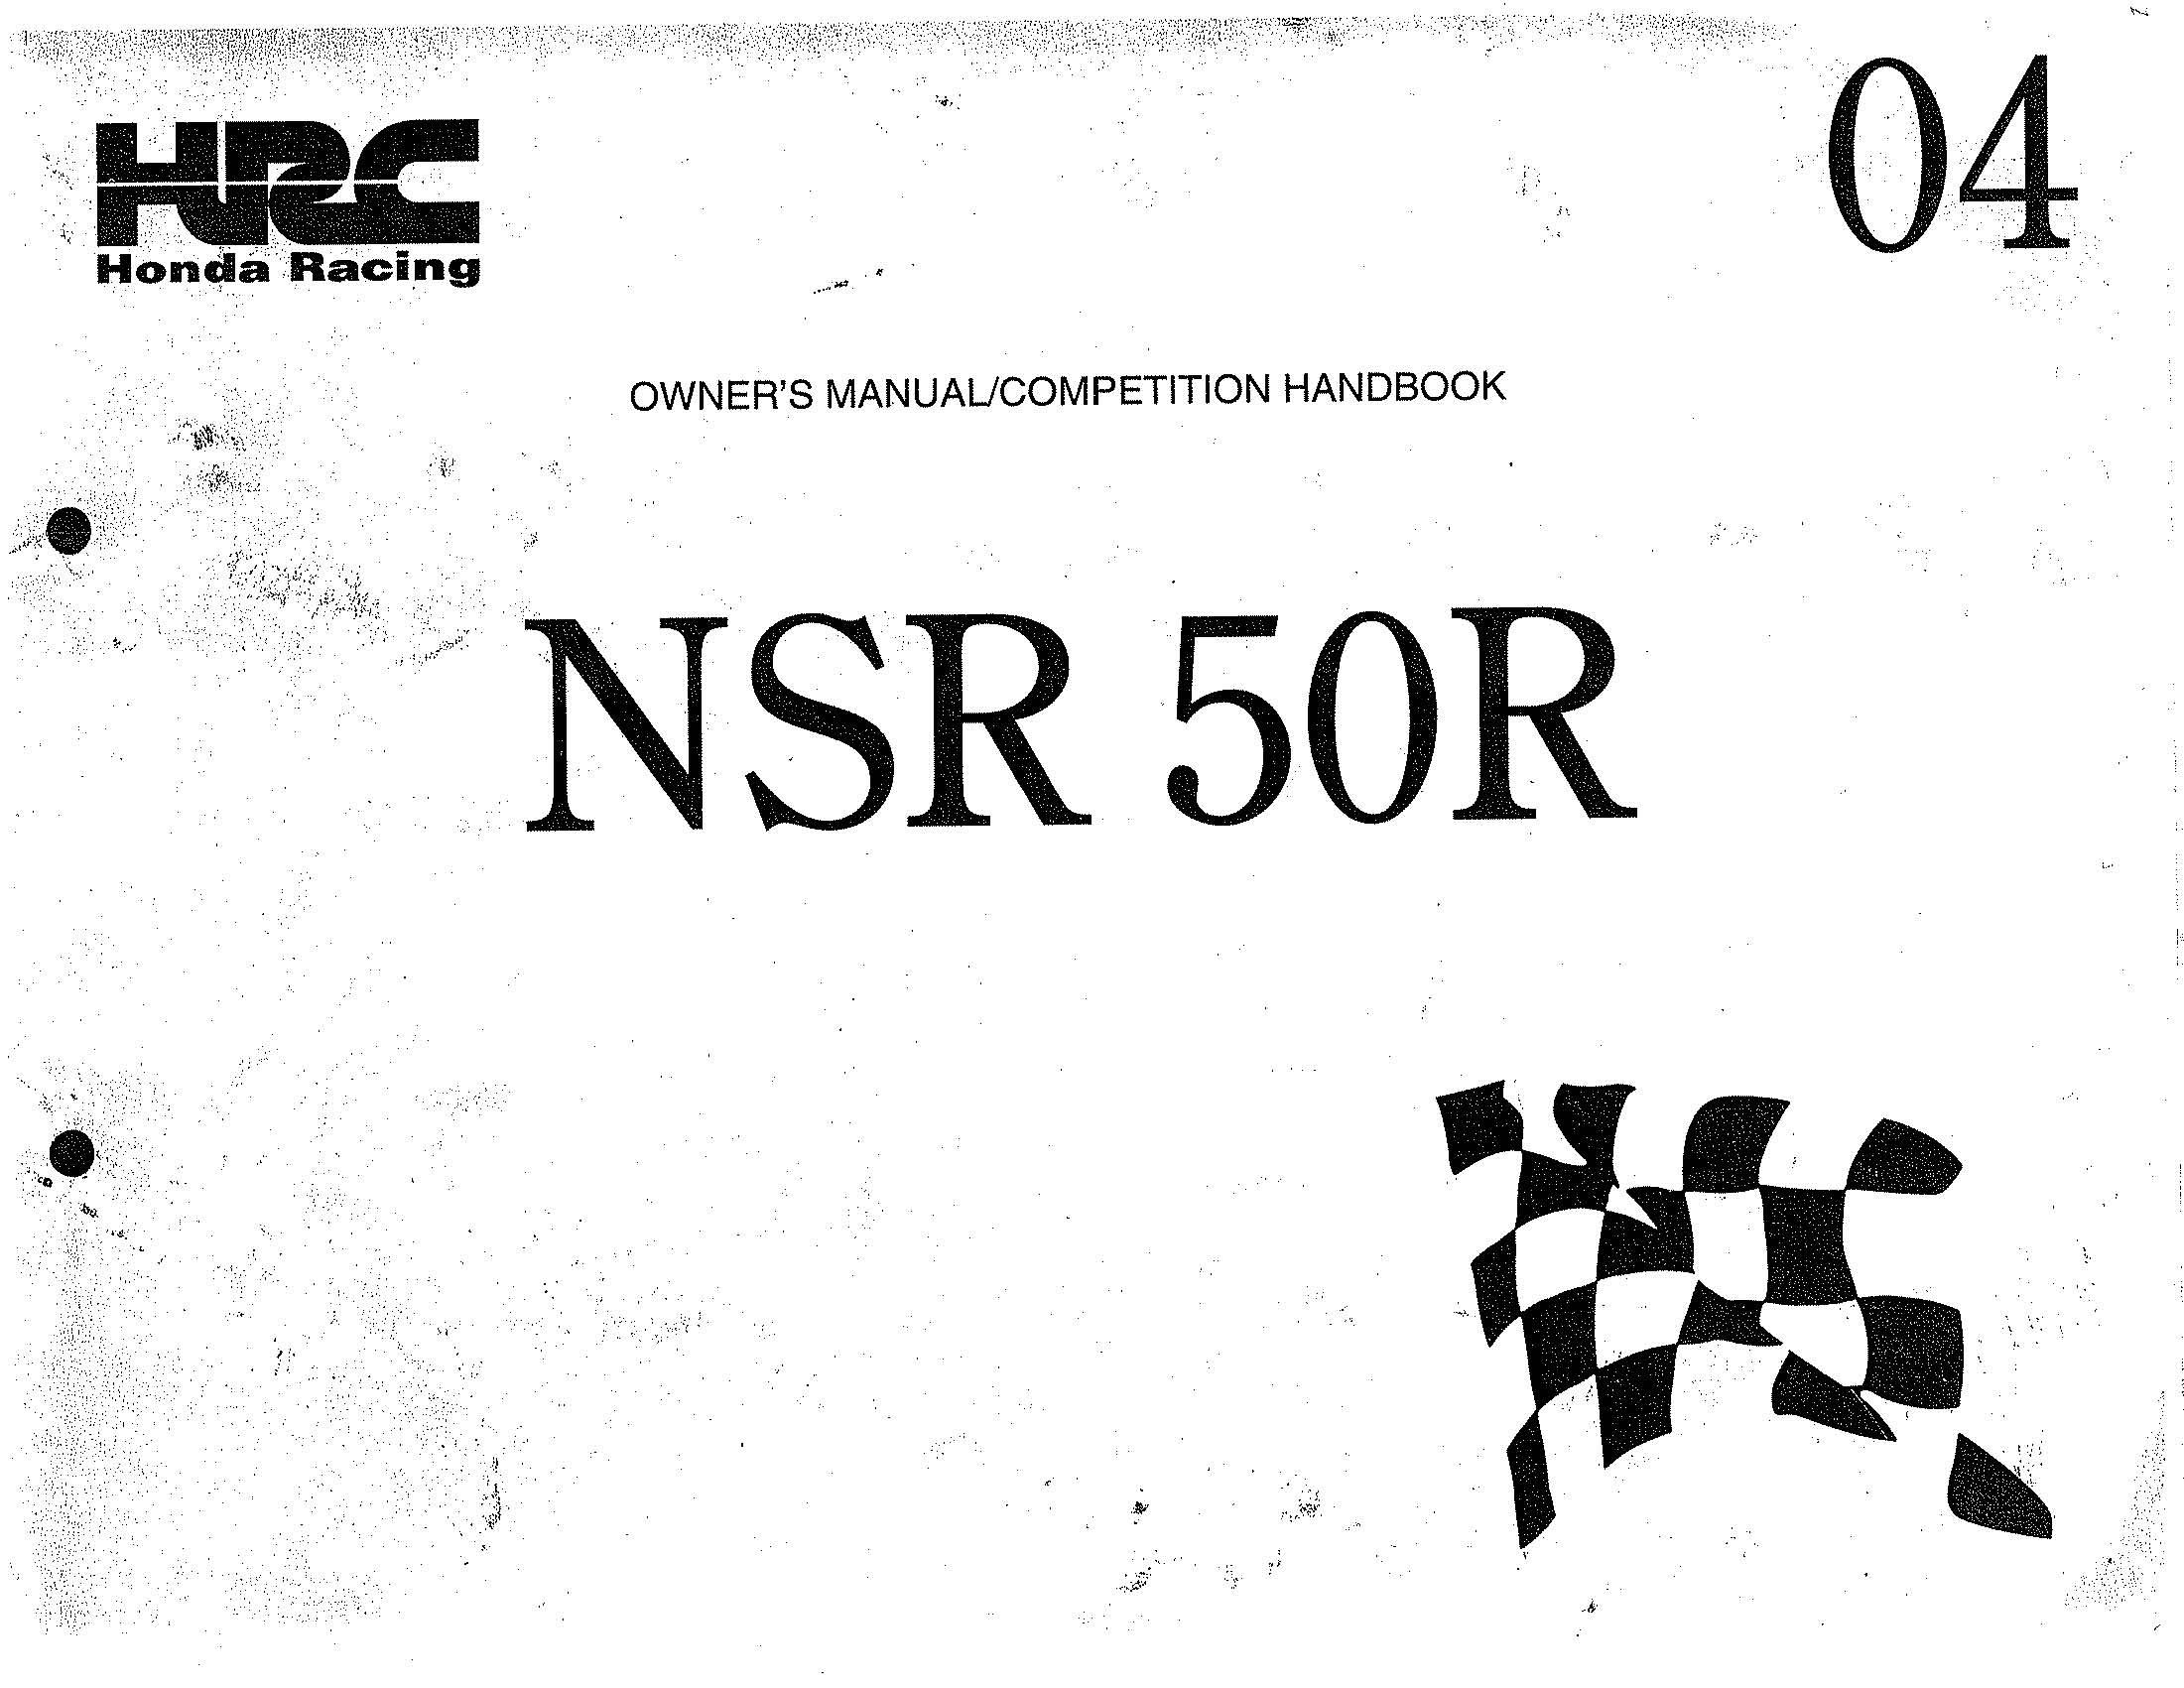 Owner's Manual for Honda NSR50R